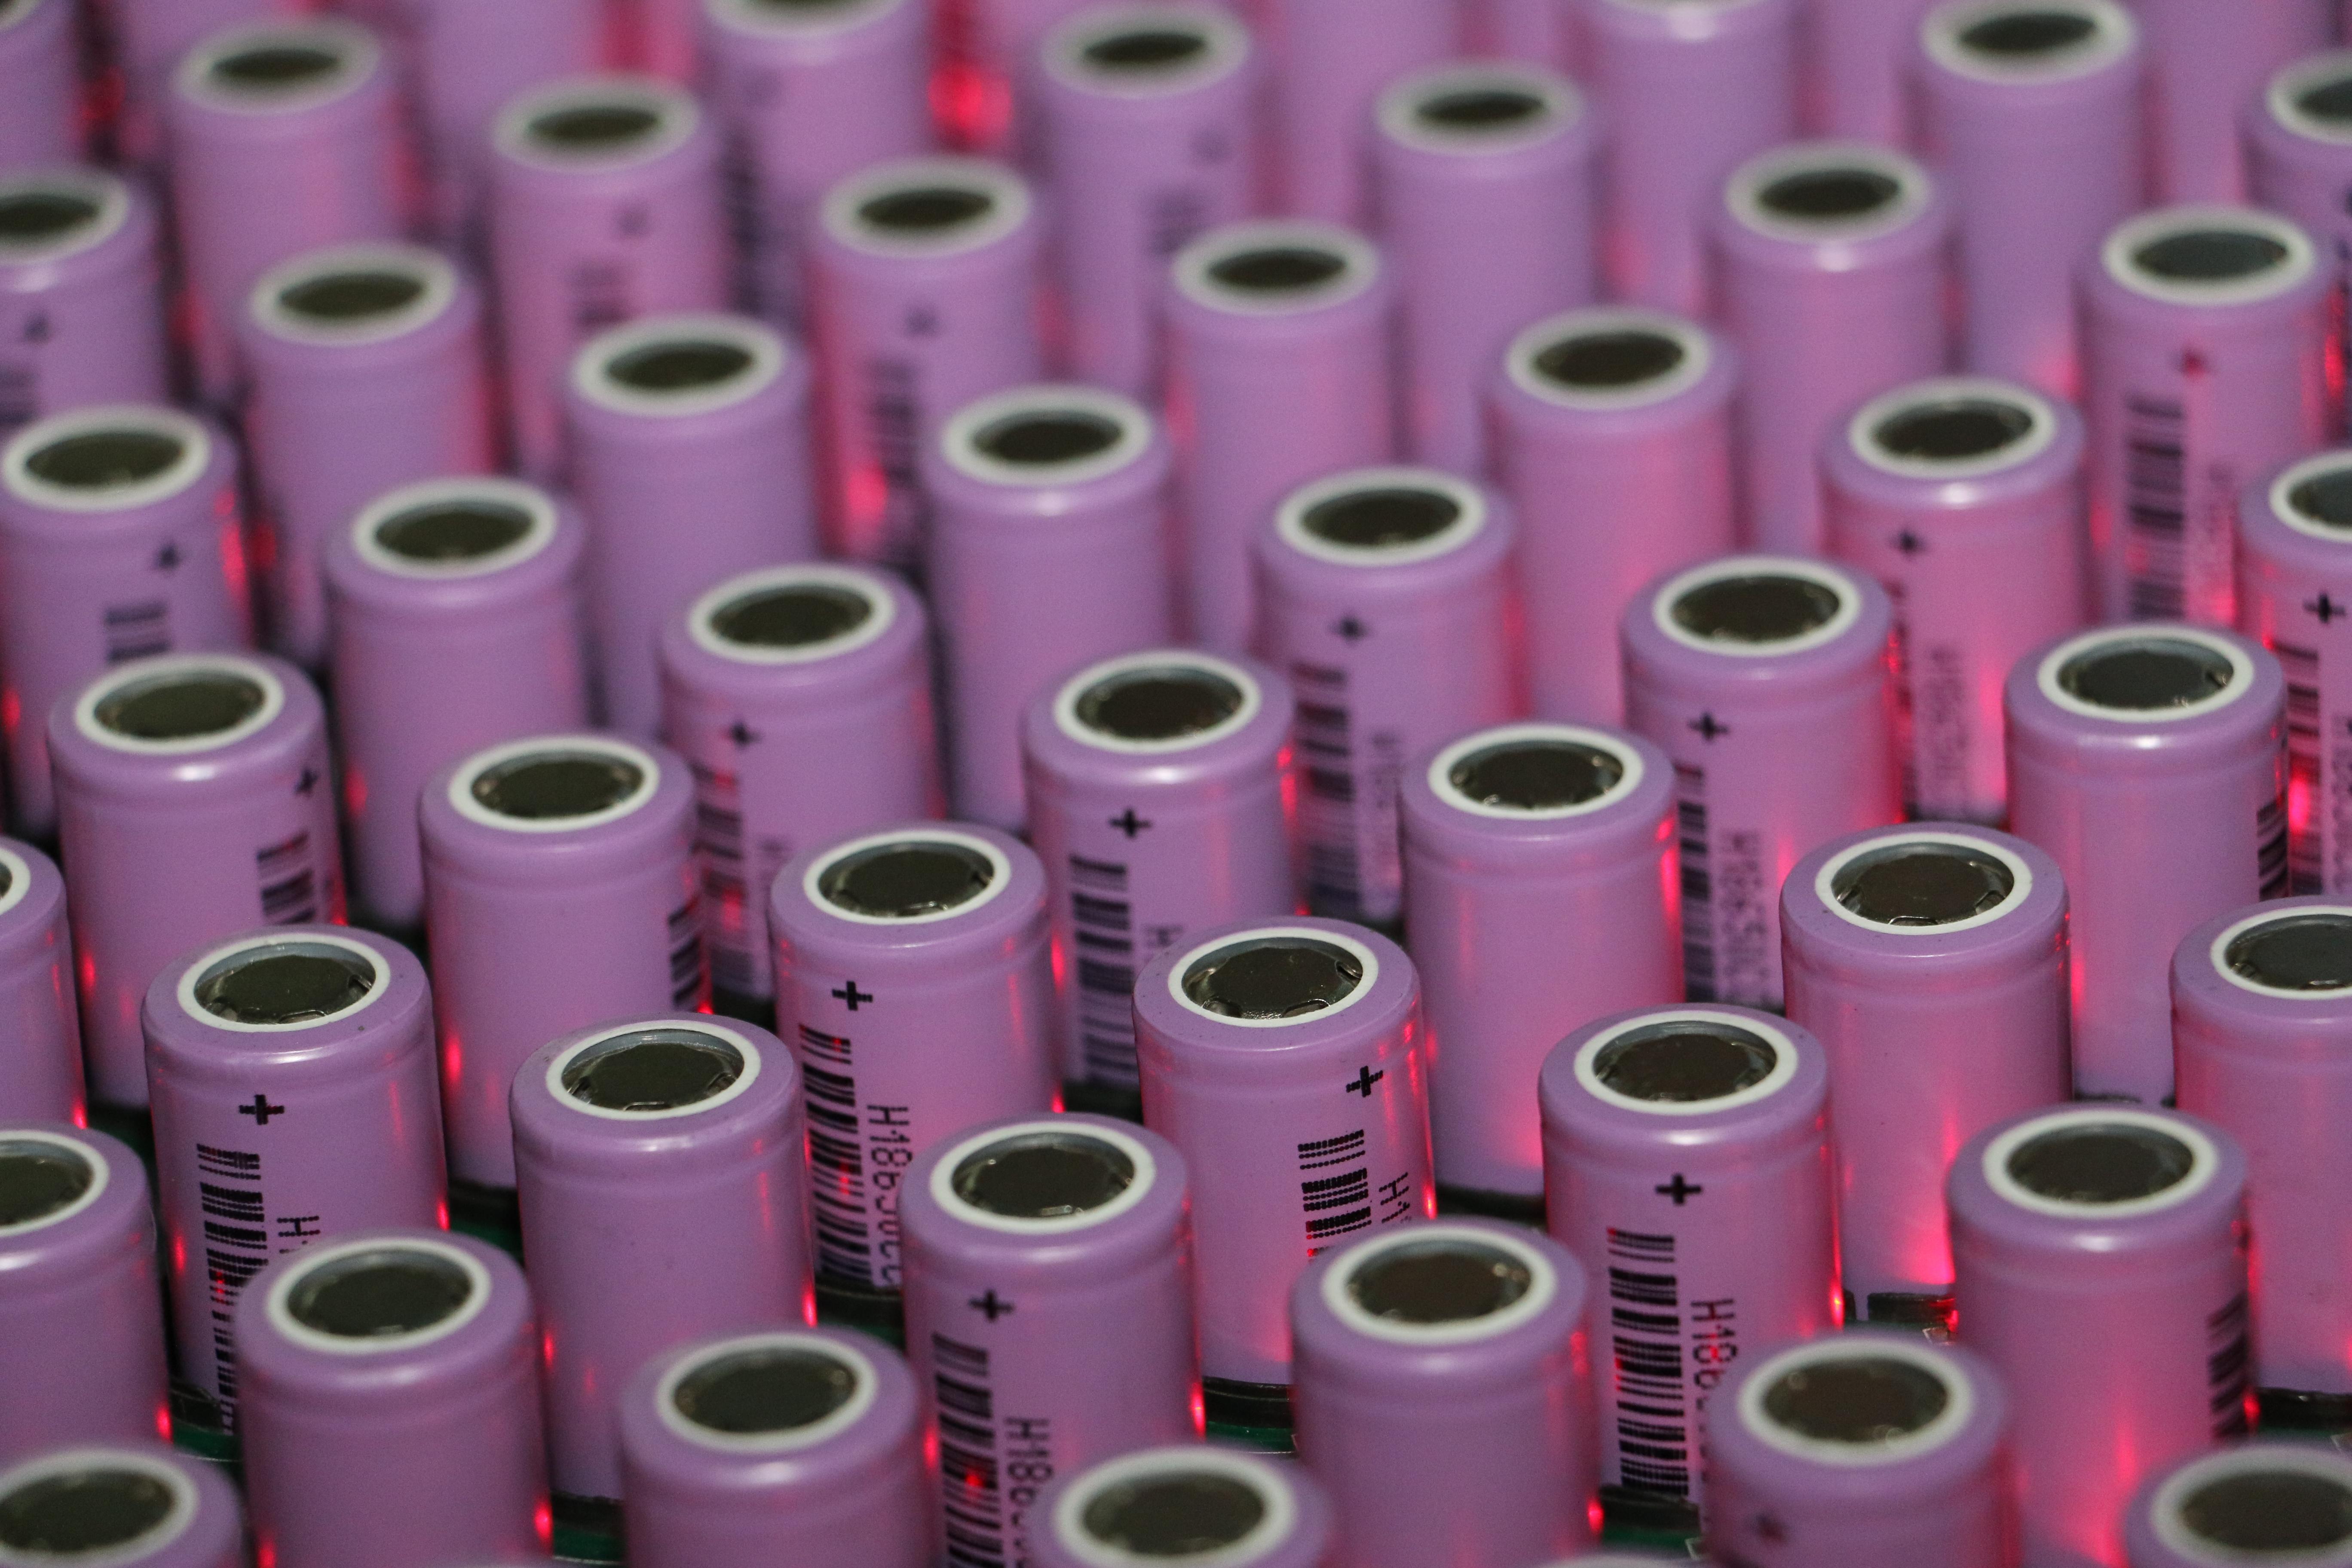 锂电池四大关键材料发展现状解读:产业集中度提升